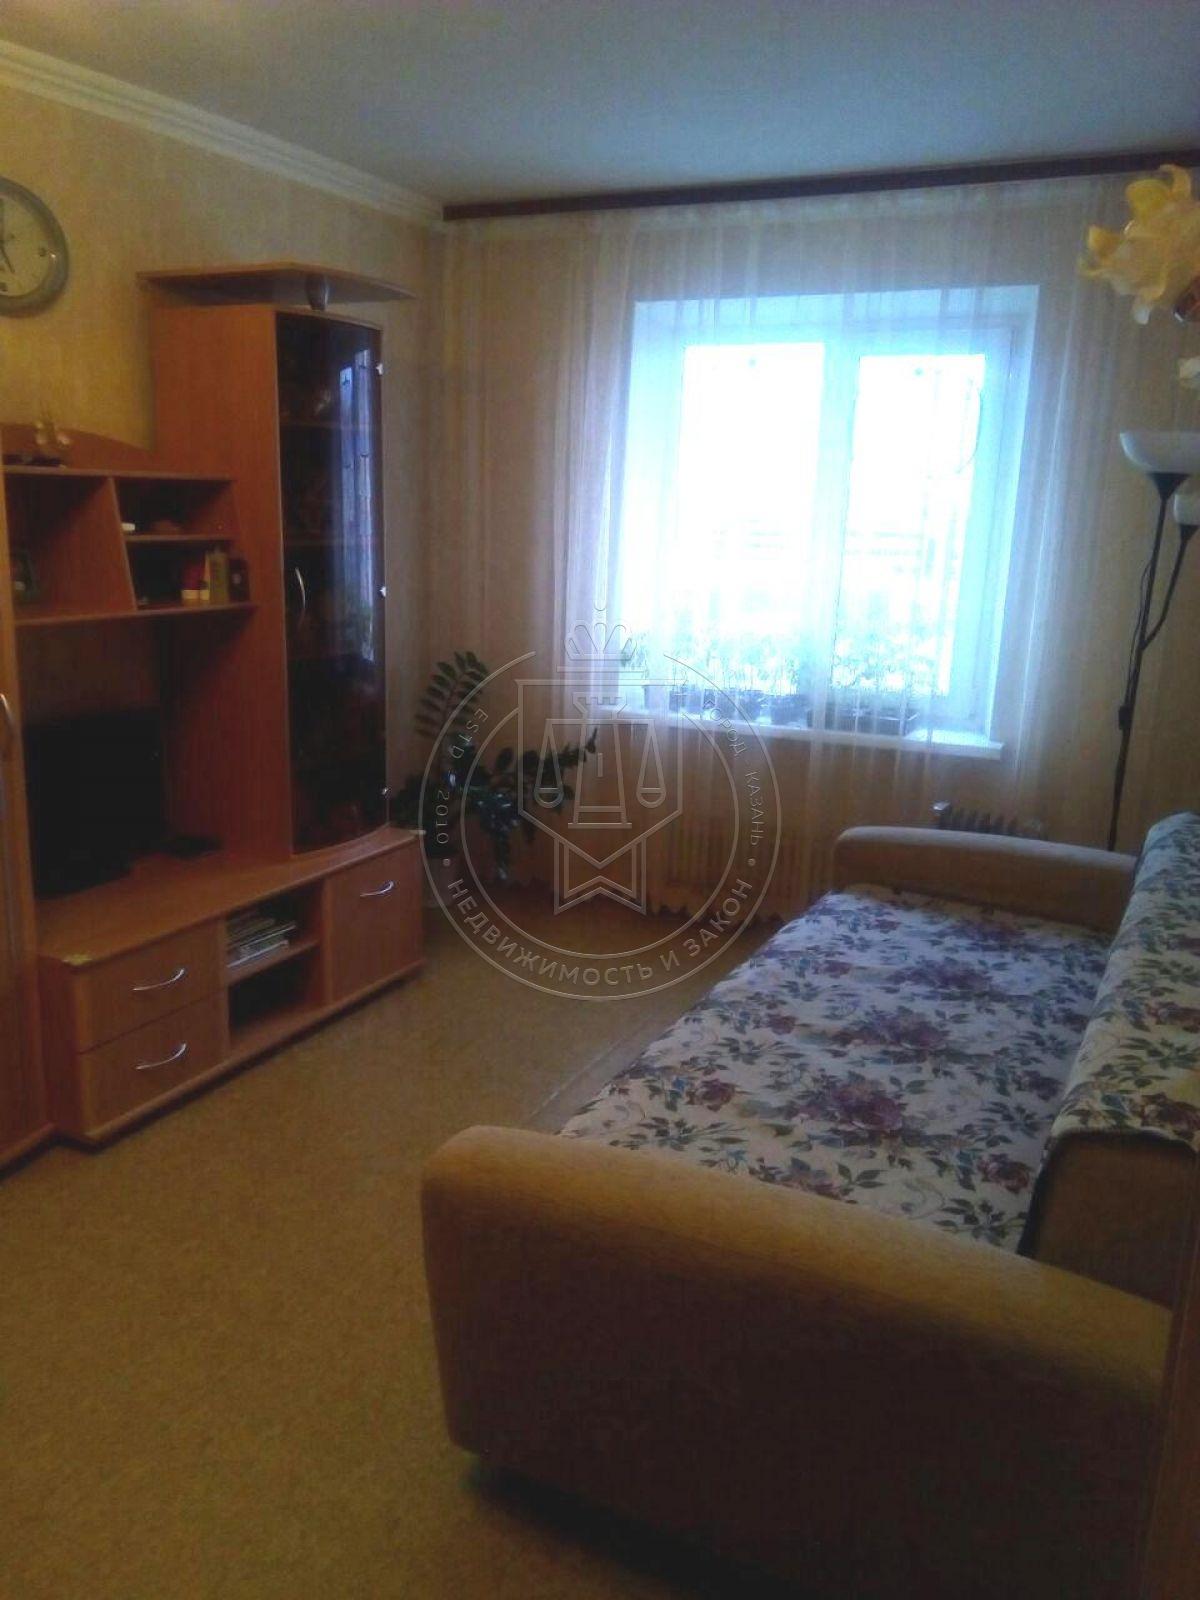 Продажа 2-к квартиры Джаудата Файзи ул, 11, 50 м2  (миниатюра №2)